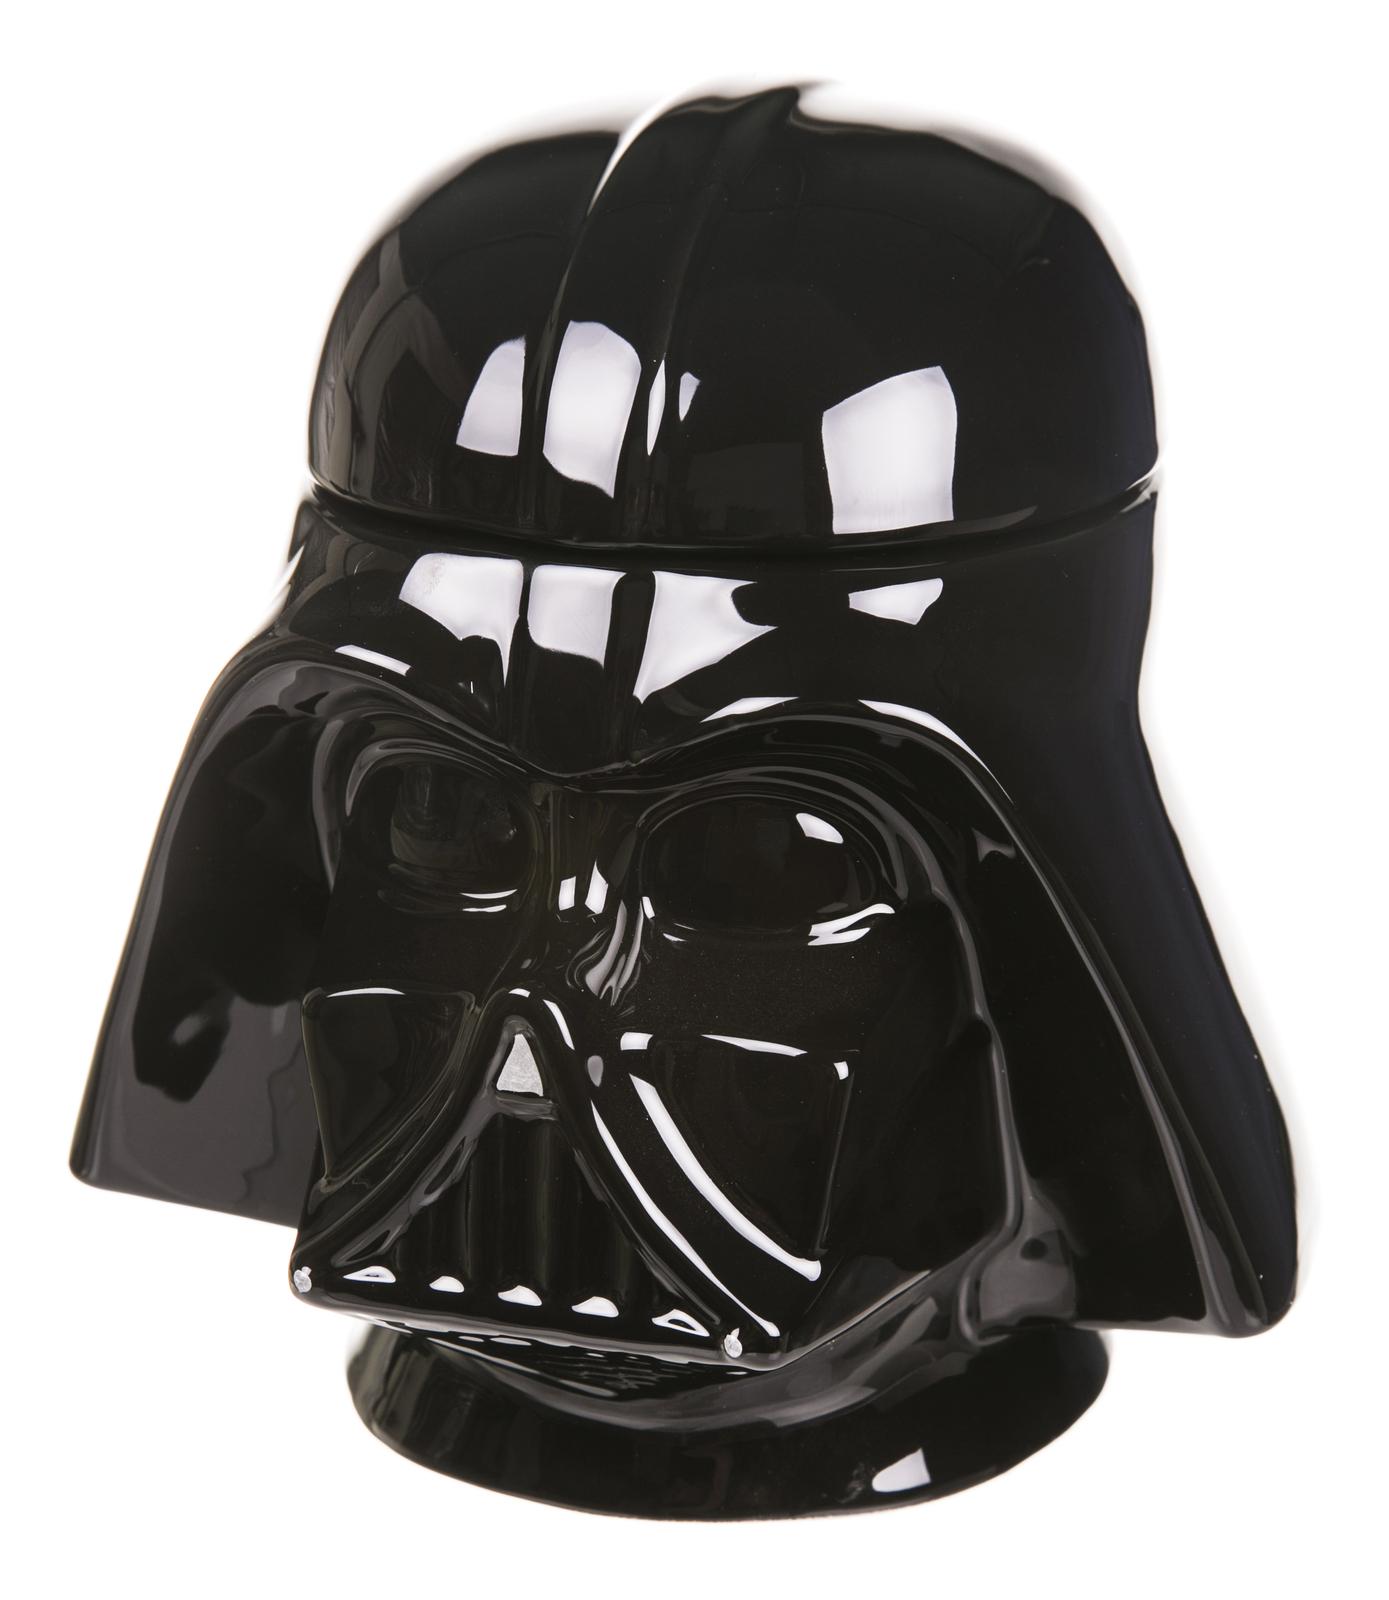 Star Wars - Darth Vader Cookie Jar image